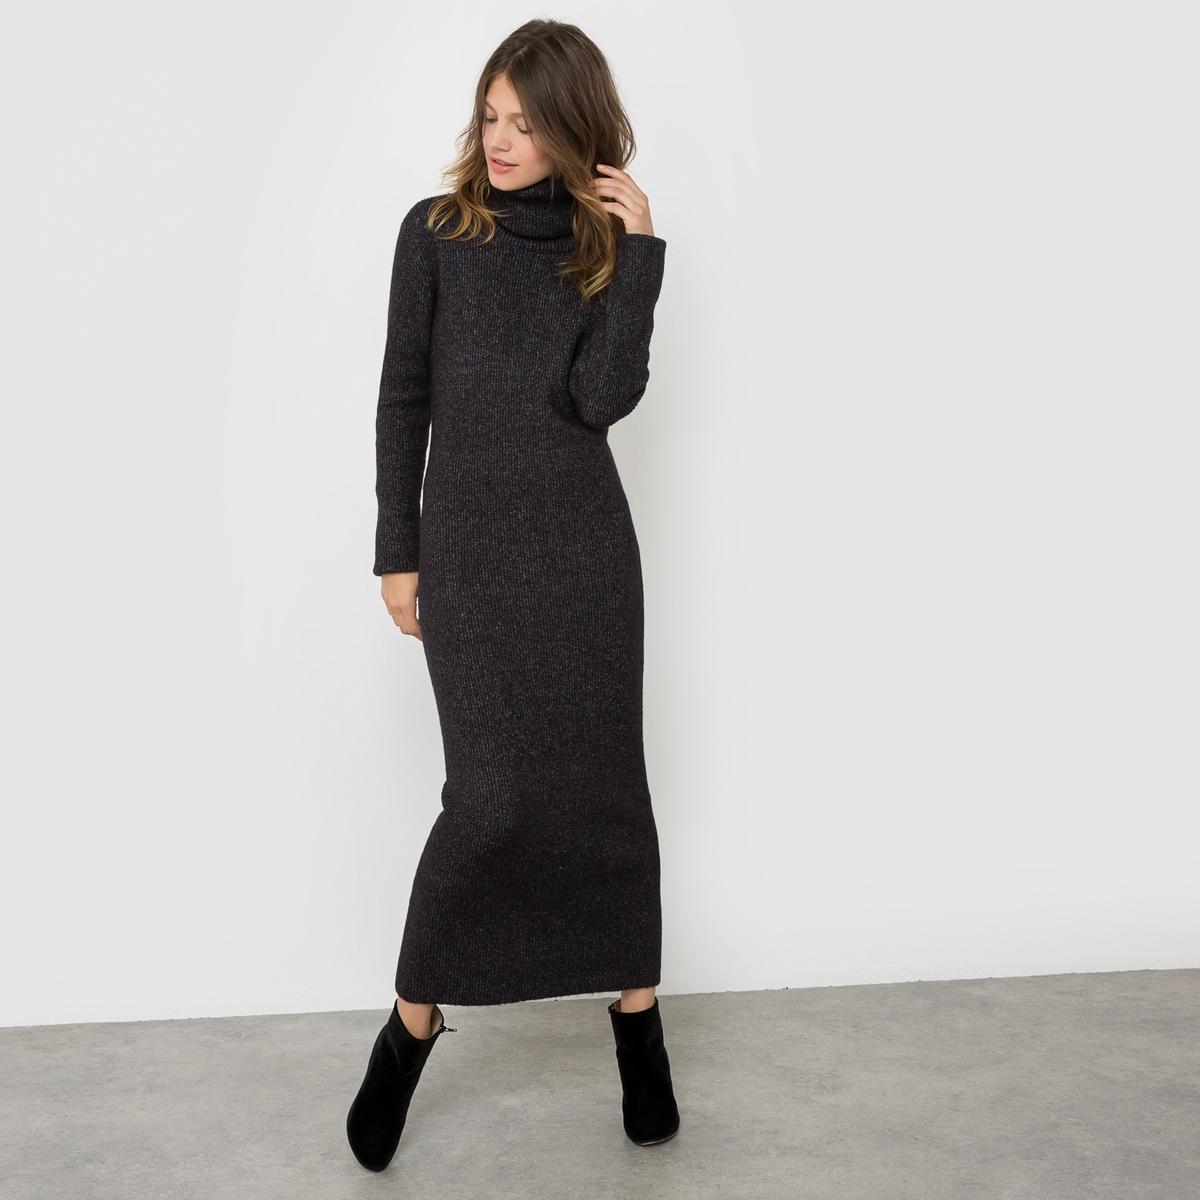 Платье-пуловерПлатье длинное NANCY от AND LESS . Платье-пуловер длинное удобного покроя. Отворачивающийся воротник. Состав и описание :Материал : 41% акрила, 25% шерсти, 24% полиэстера, 5% мохера, 5% эластанаМарка : AND LESS.<br><br>Цвет: антрацит